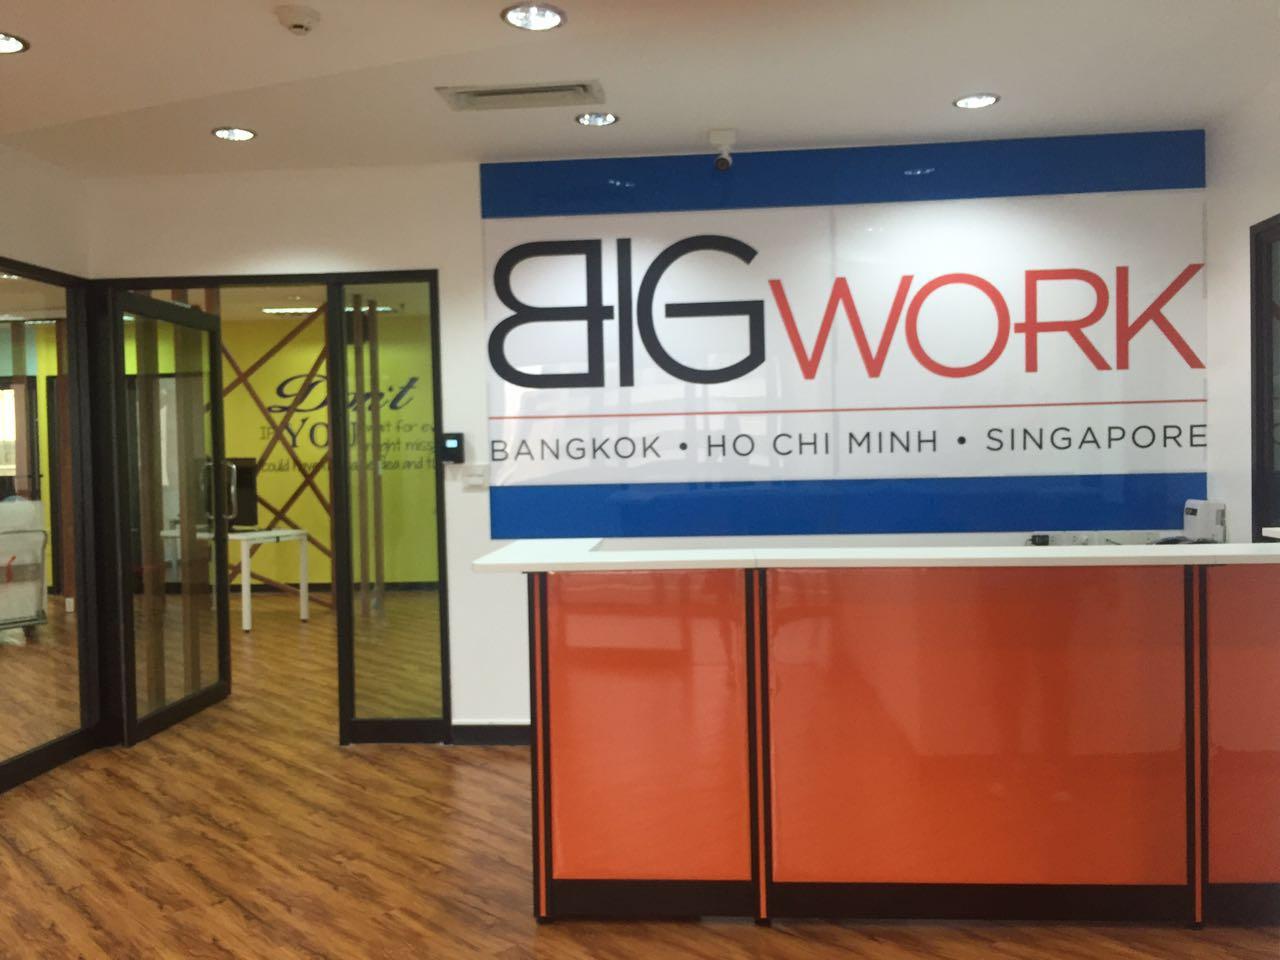 BIGWork, Bangkok